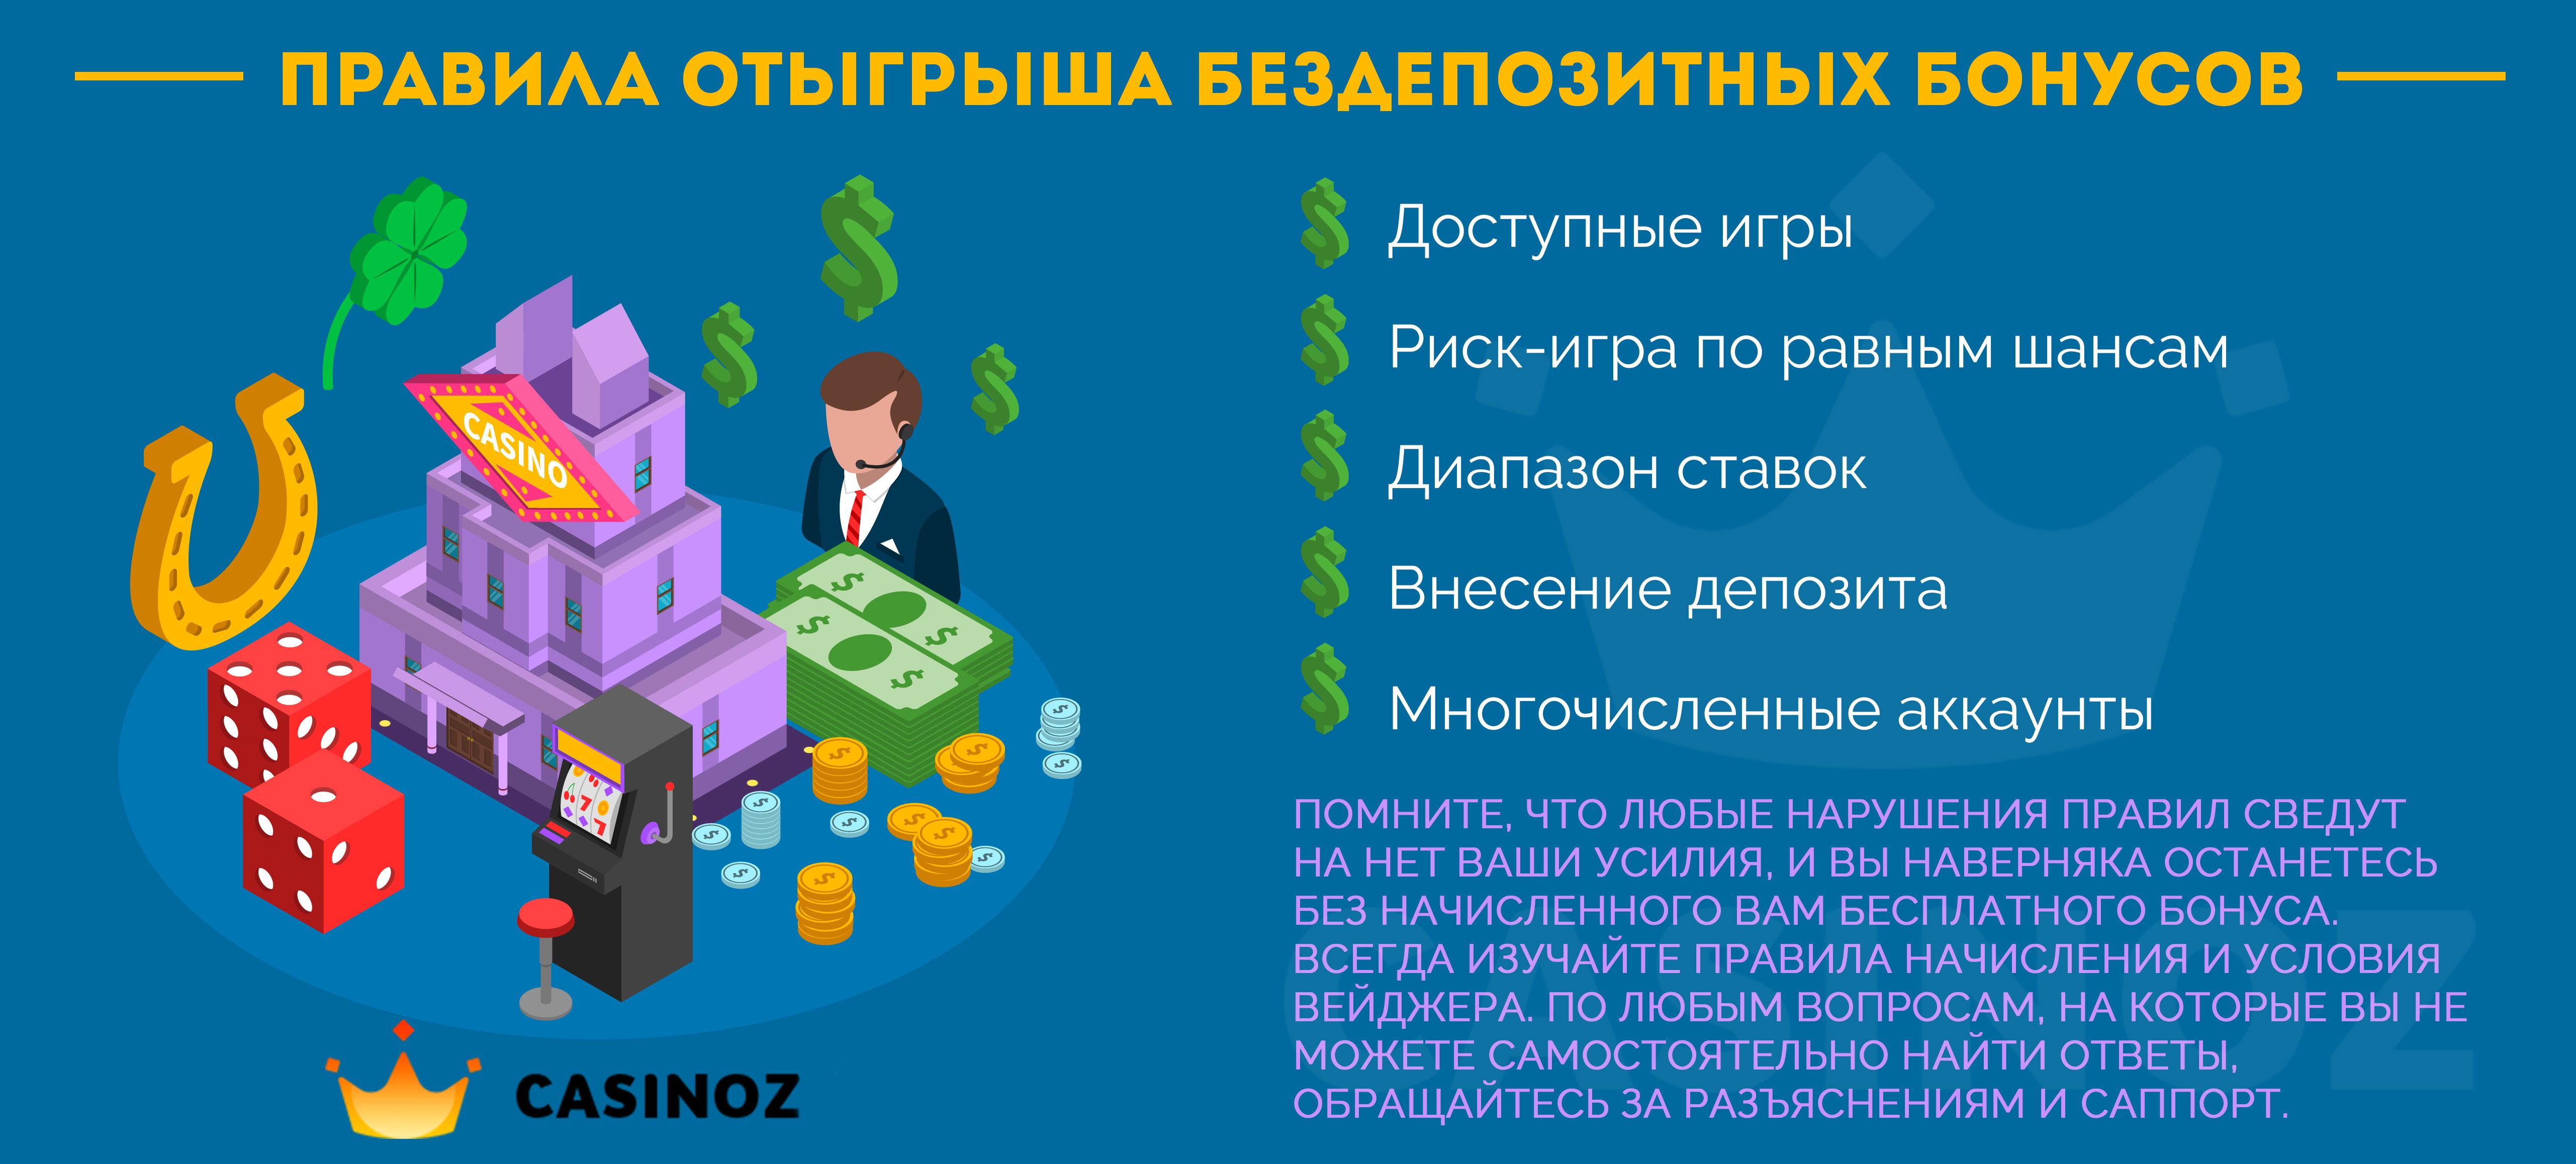 Бездепозитный бонус с моментальным выводом